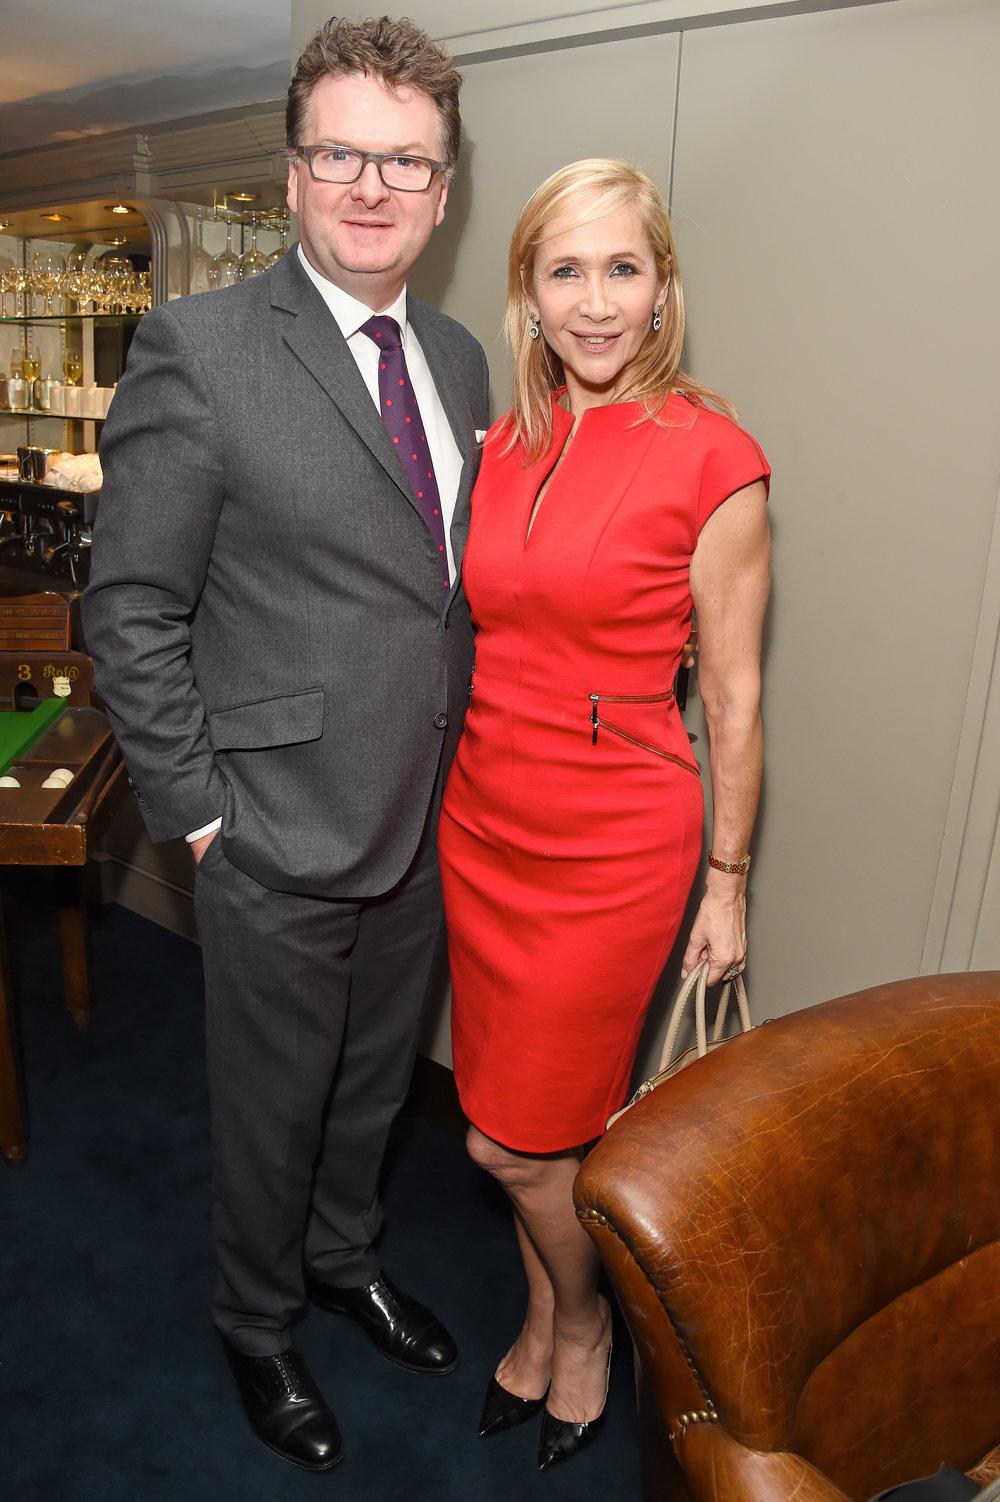 Ewan Venter and Tania Bryer. Courtesy of Dave Benett.